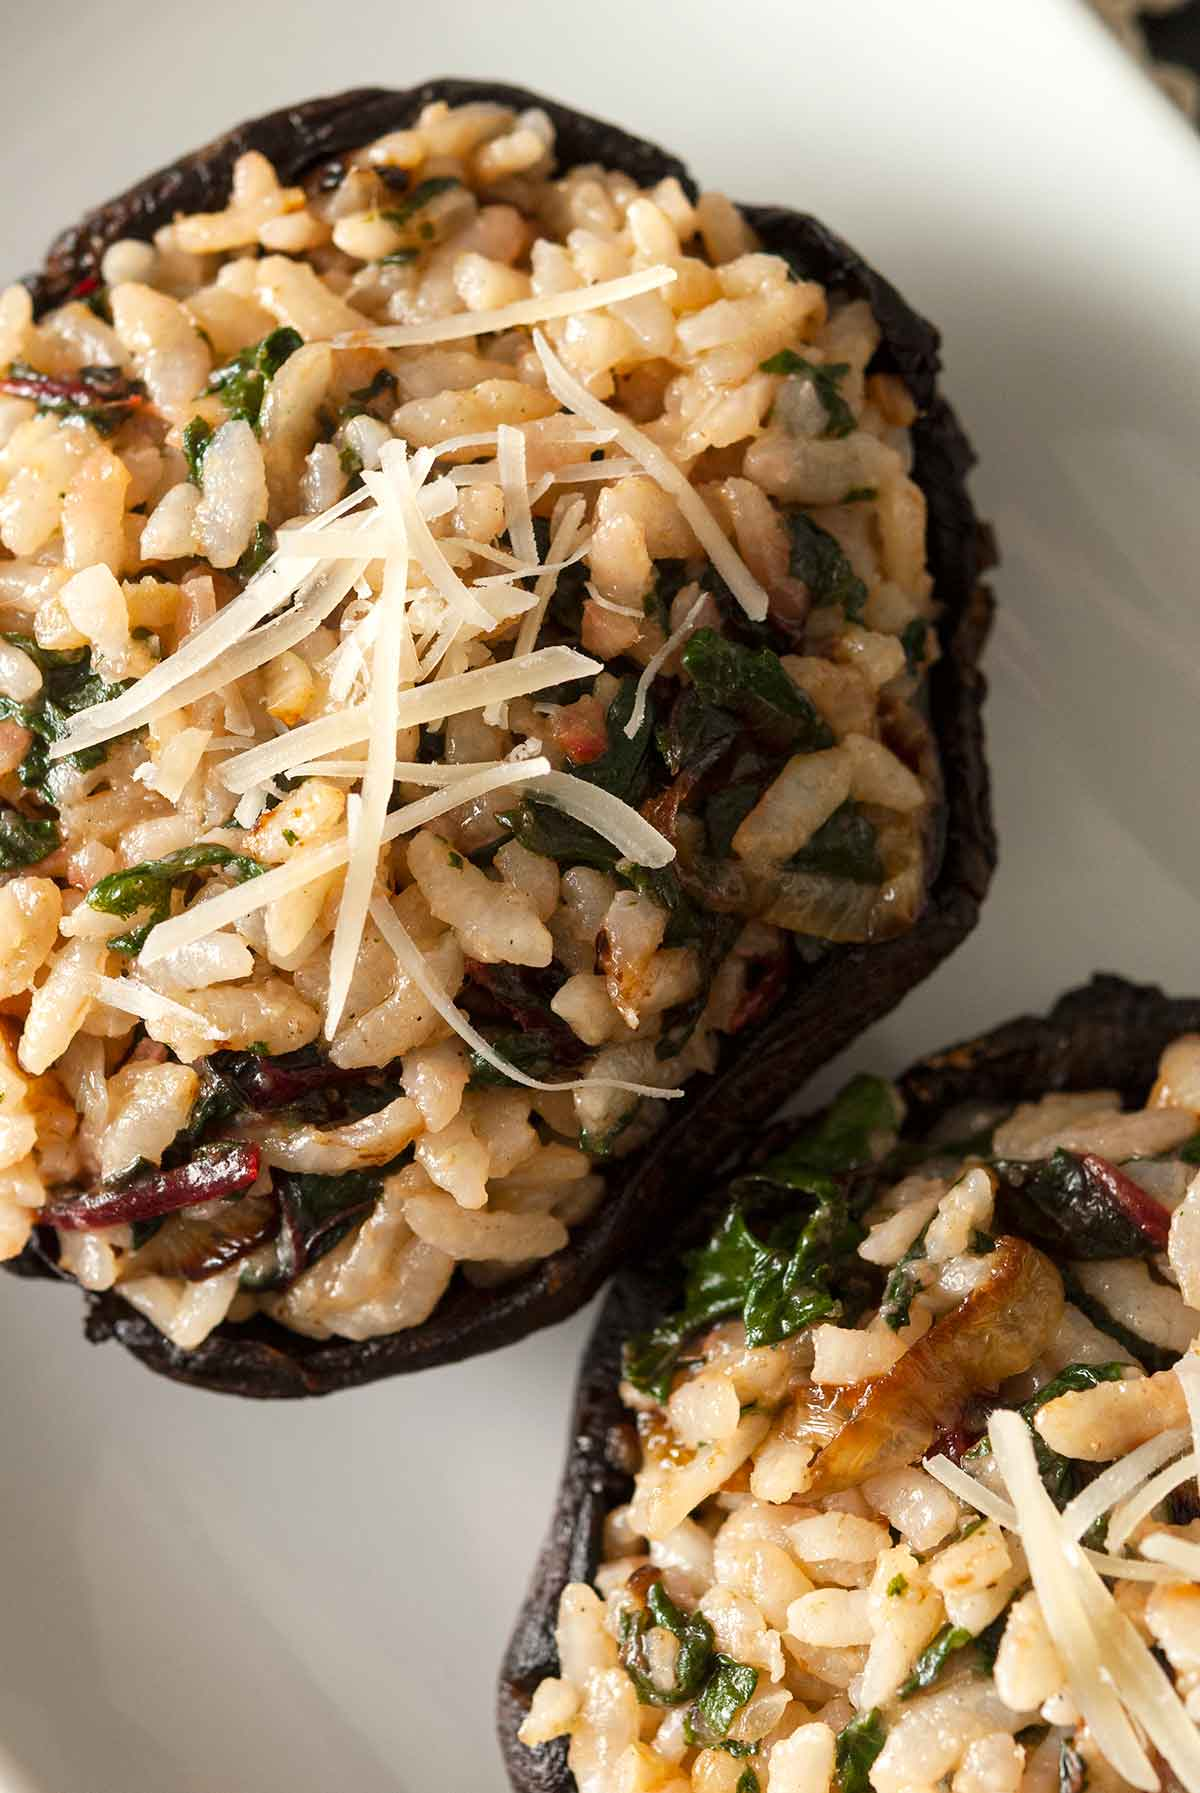 2 risotto-stuffed portobello mushrooms on a plate.